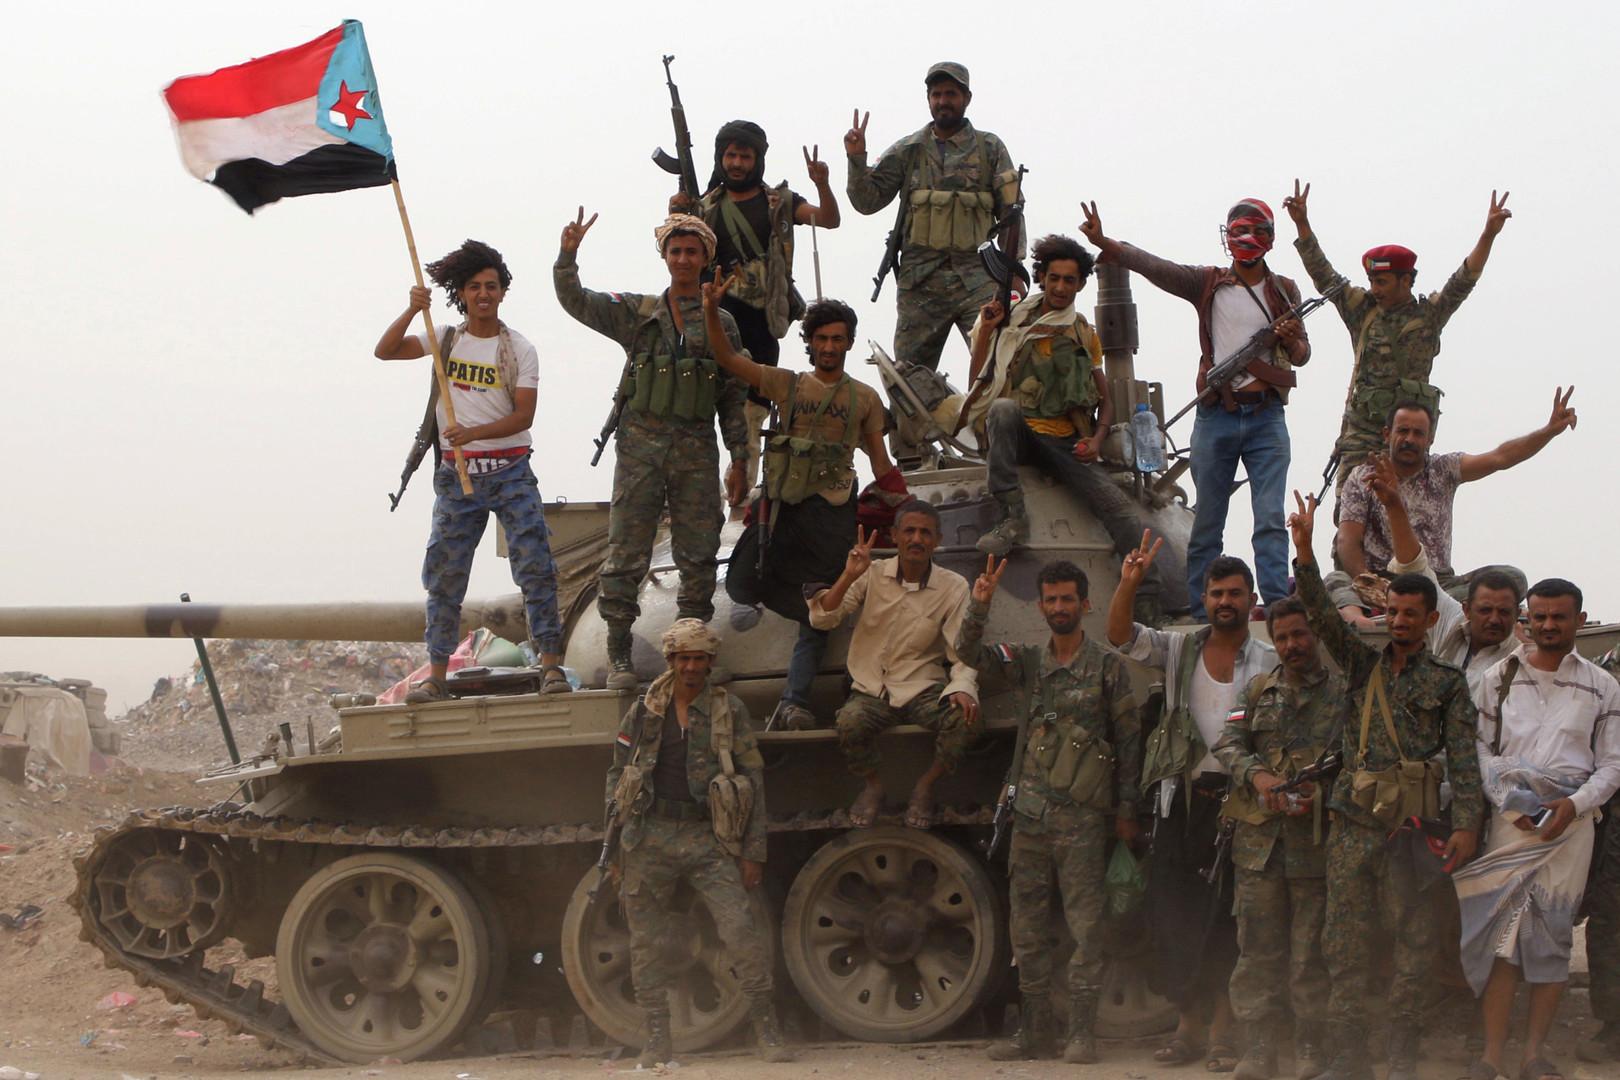 اليمن.. تطورات متسارعة في عدن وزحف قريب على أبين وشبوة